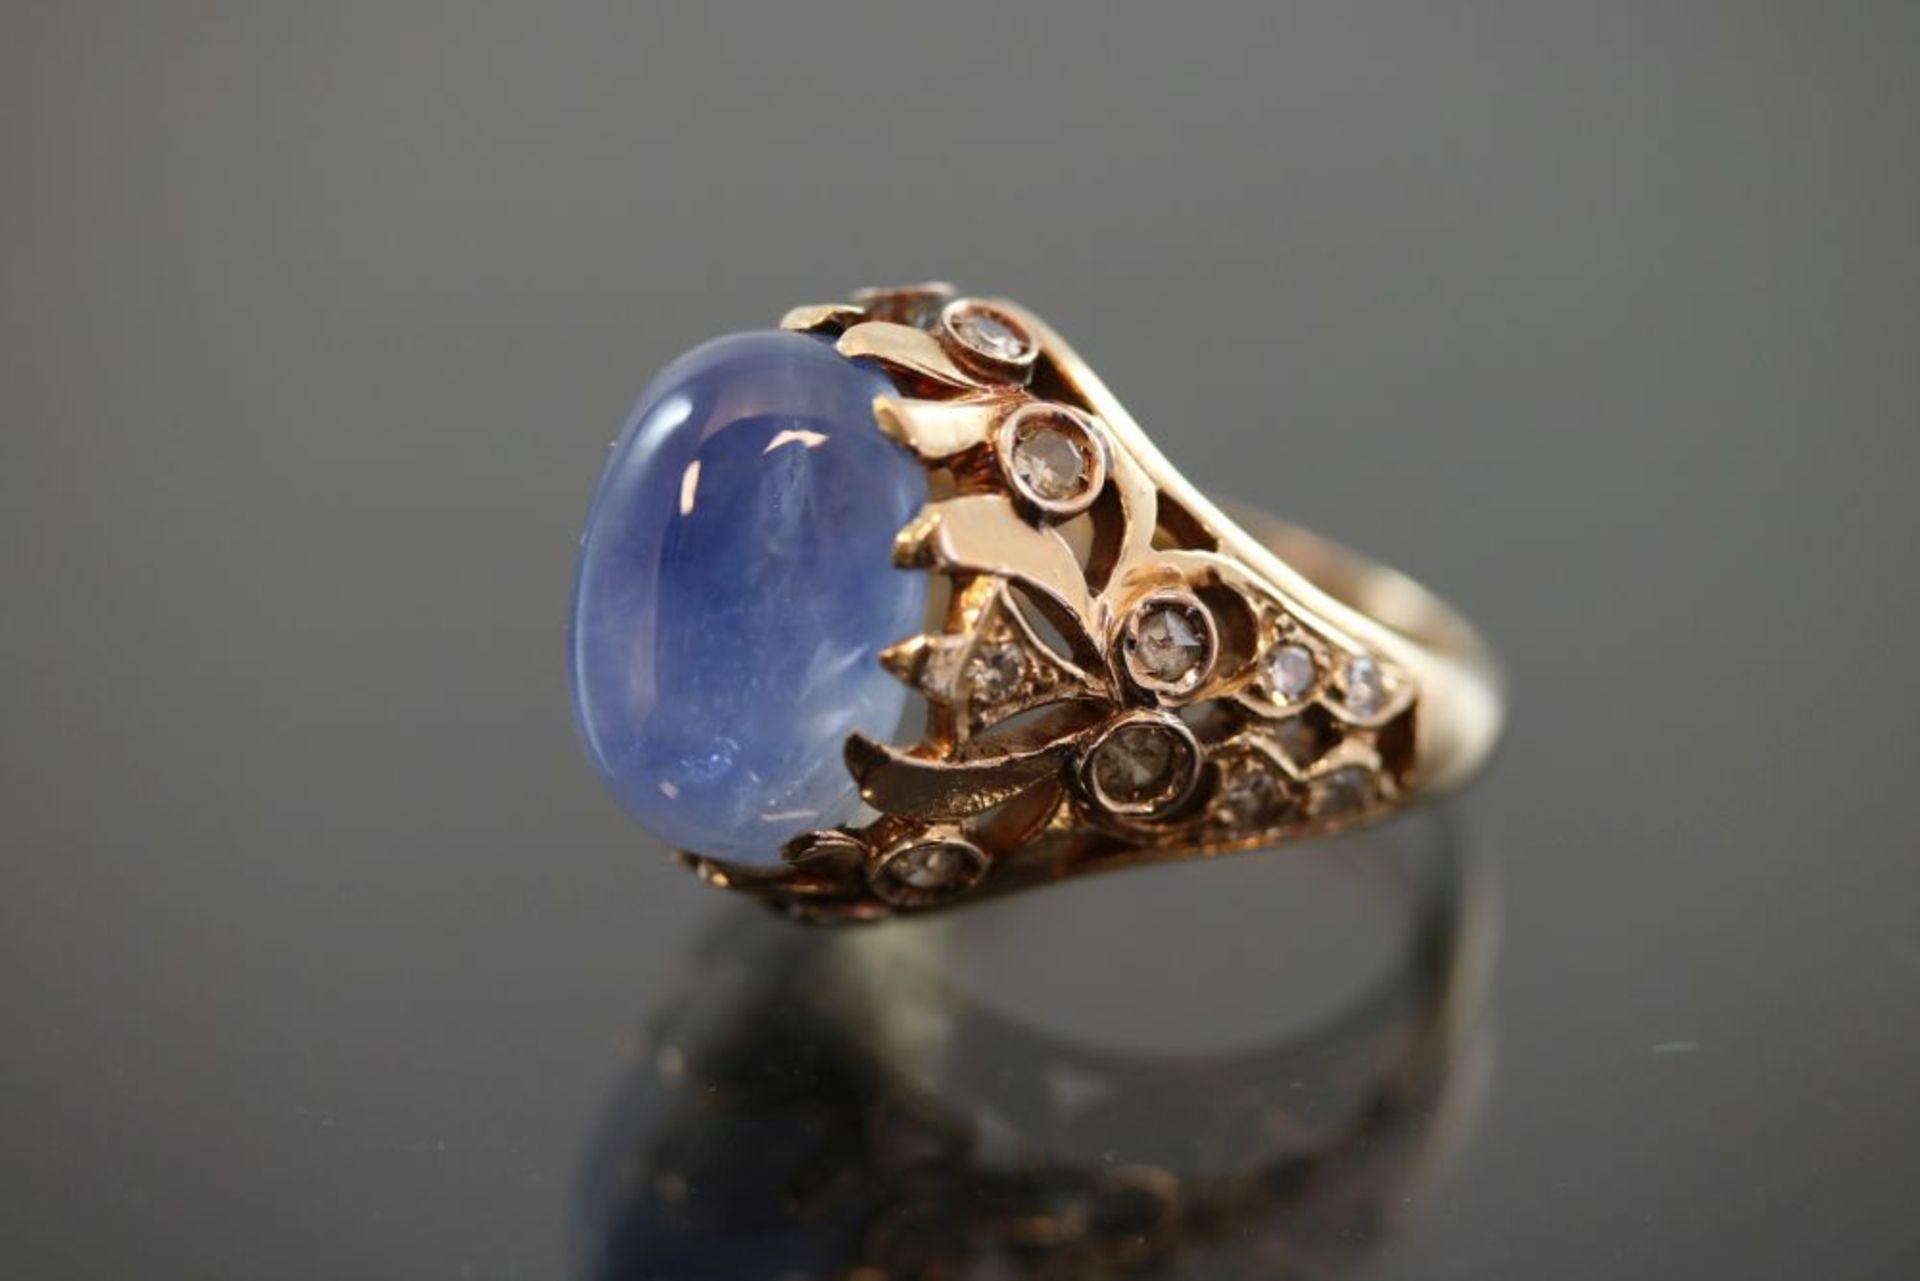 Saphir-Diamant-Ring, 585 Gold - Bild 2 aus 3